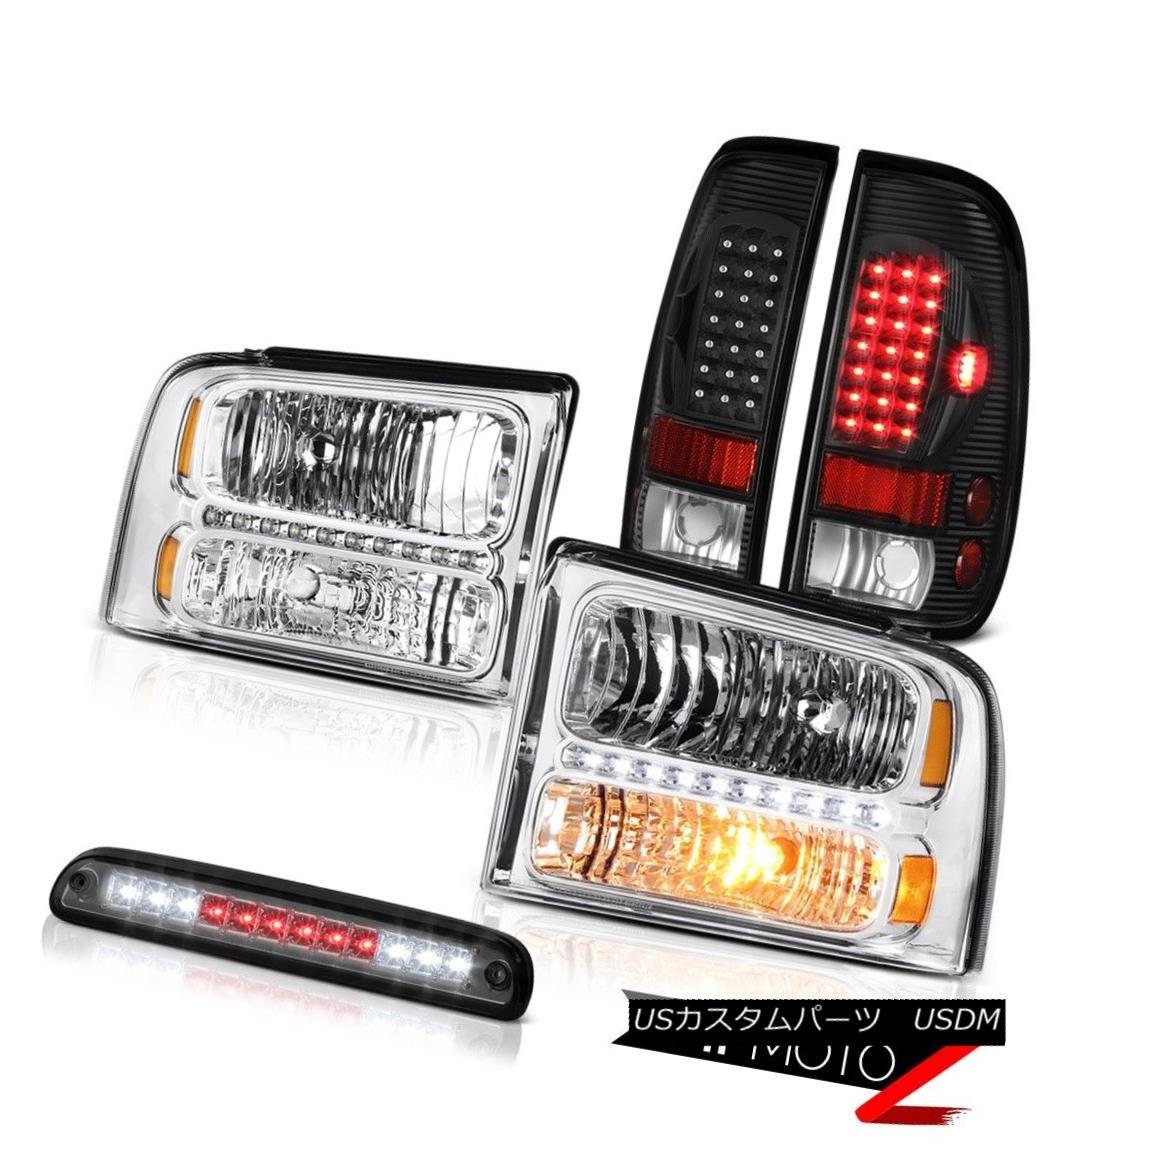 ヘッドライト 05 06 07 F350 7.3L Pair Chrome Headlights LED Bulbs Tail Lamps High Stop Smoke 05 06 07 F350 7.3LペアクロームヘッドライトLED電球テールランプハイストップスモーク